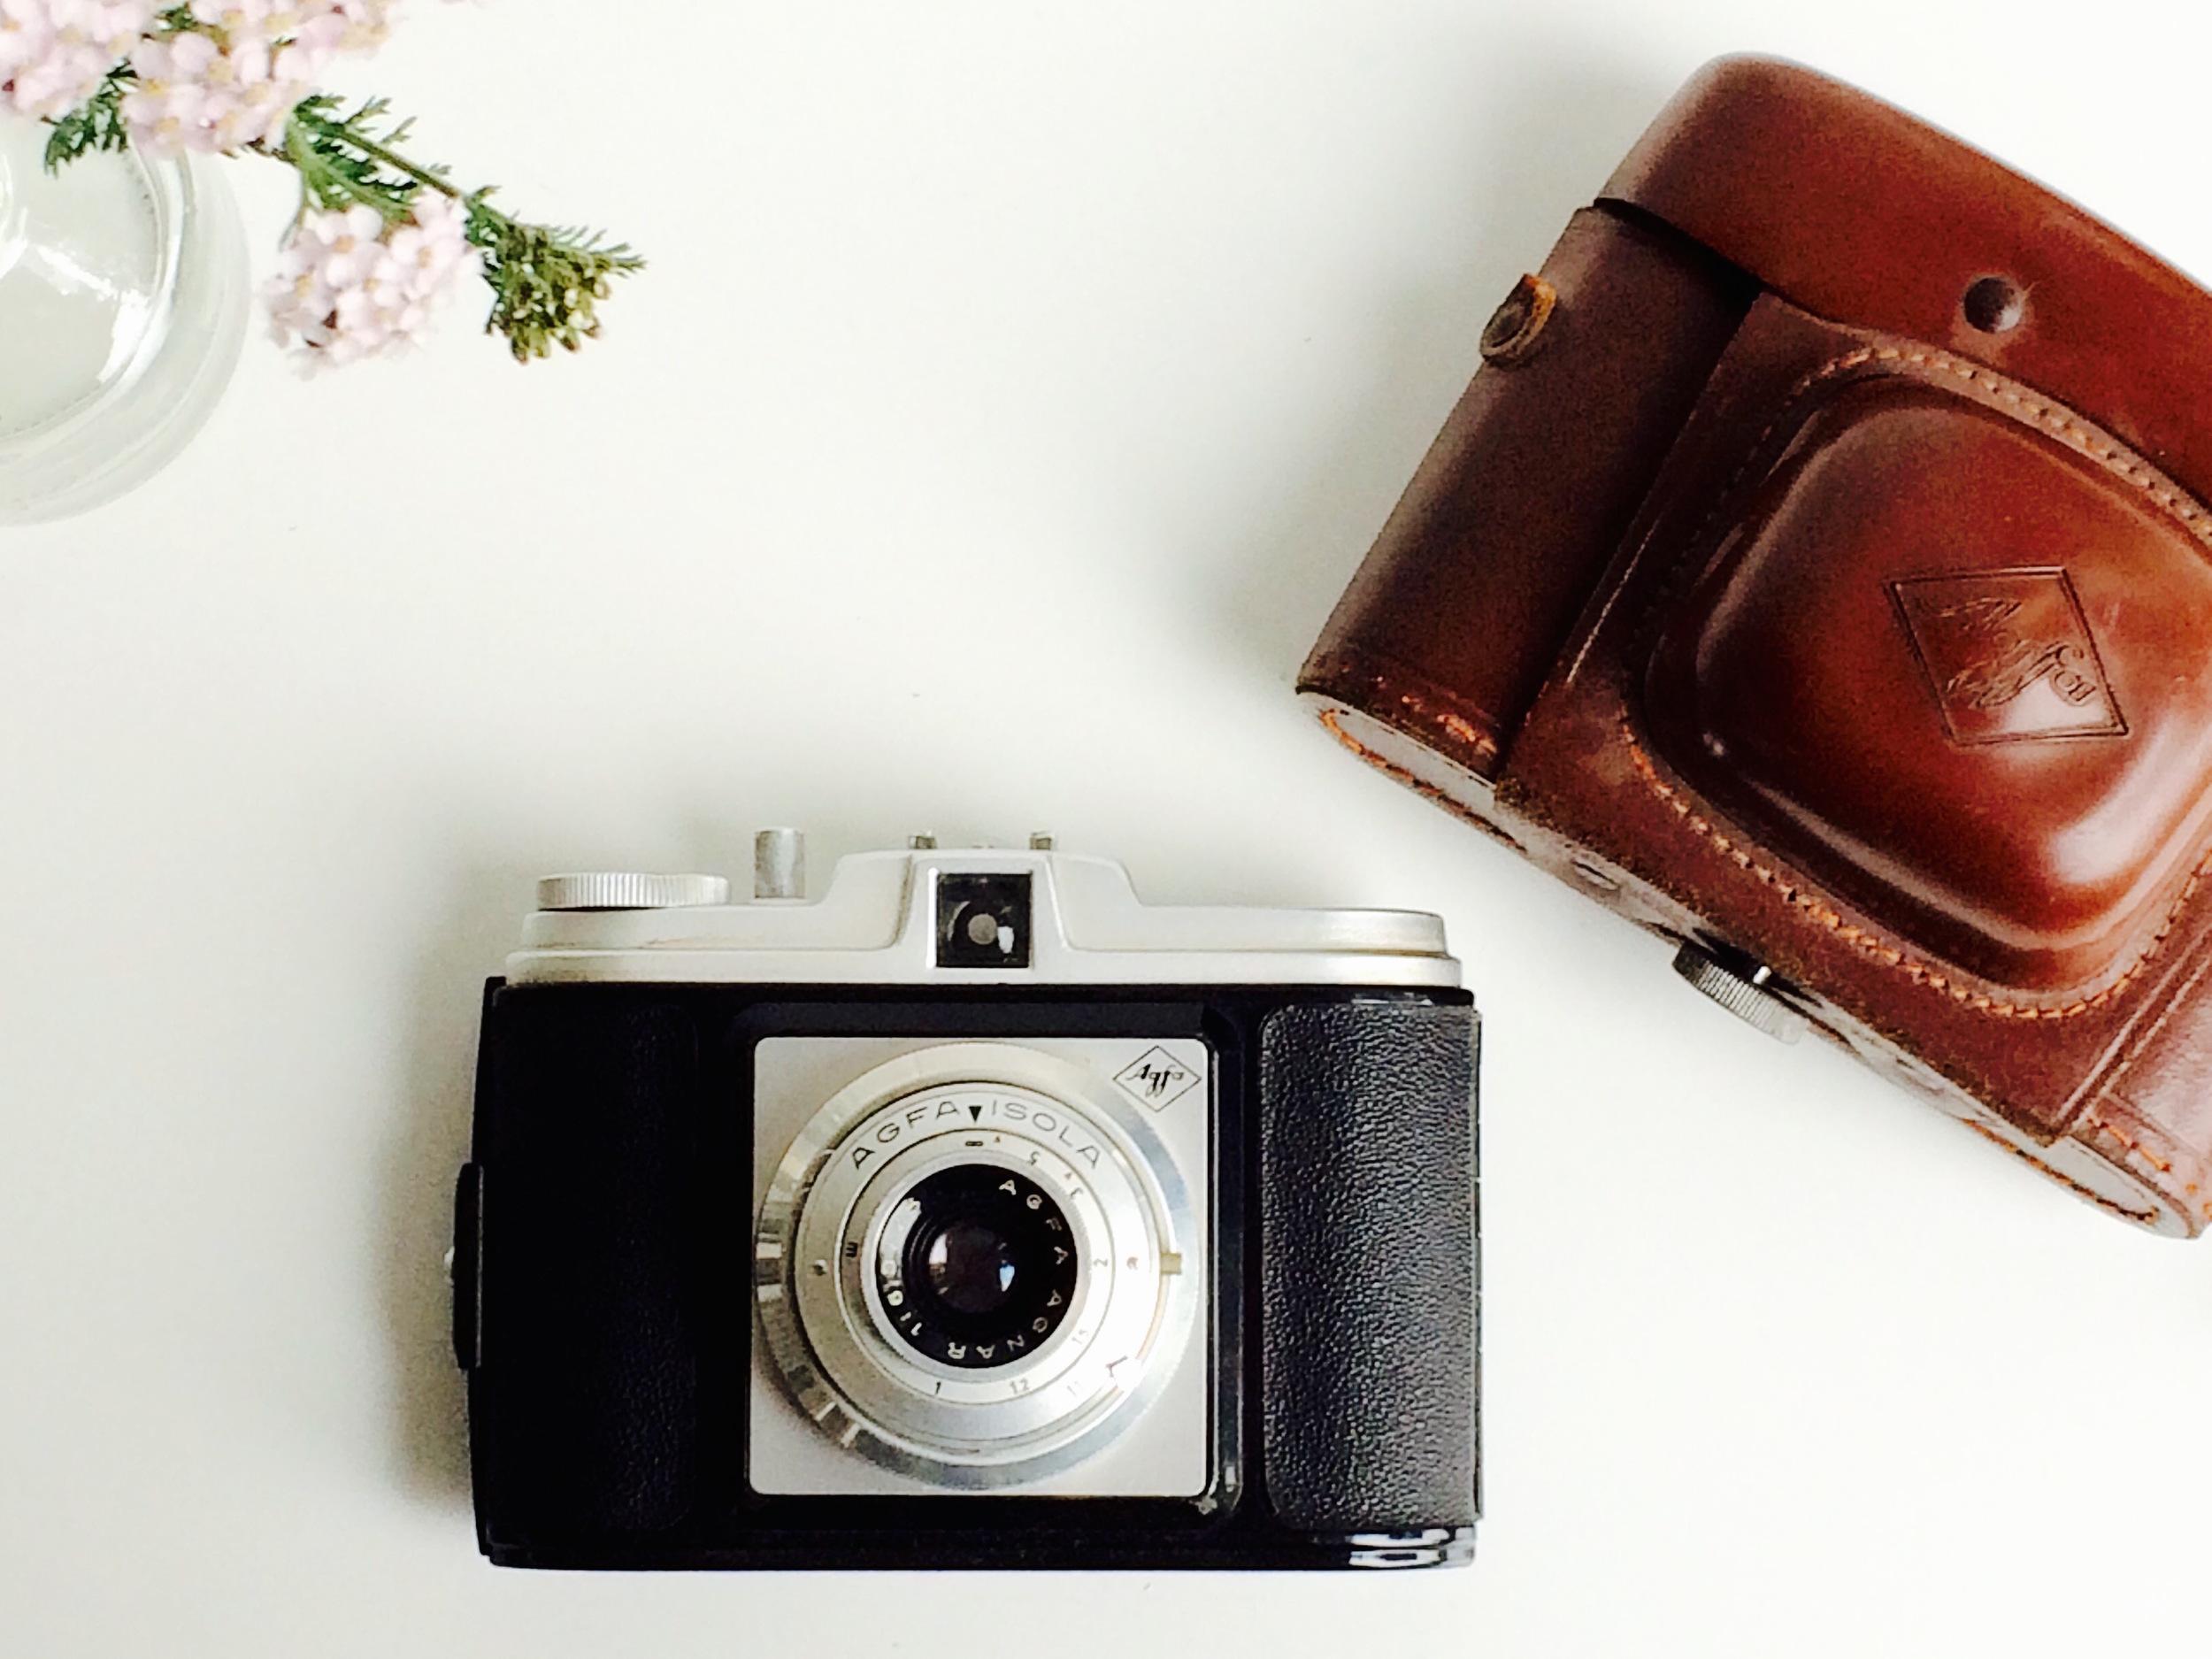 De camera van opa! Hij fotografeerde vooral het leven in en om Rotterdam. Van hem gekregen toen ik 6 was. Het zou de laatste keer zijn dat ik hem zag.